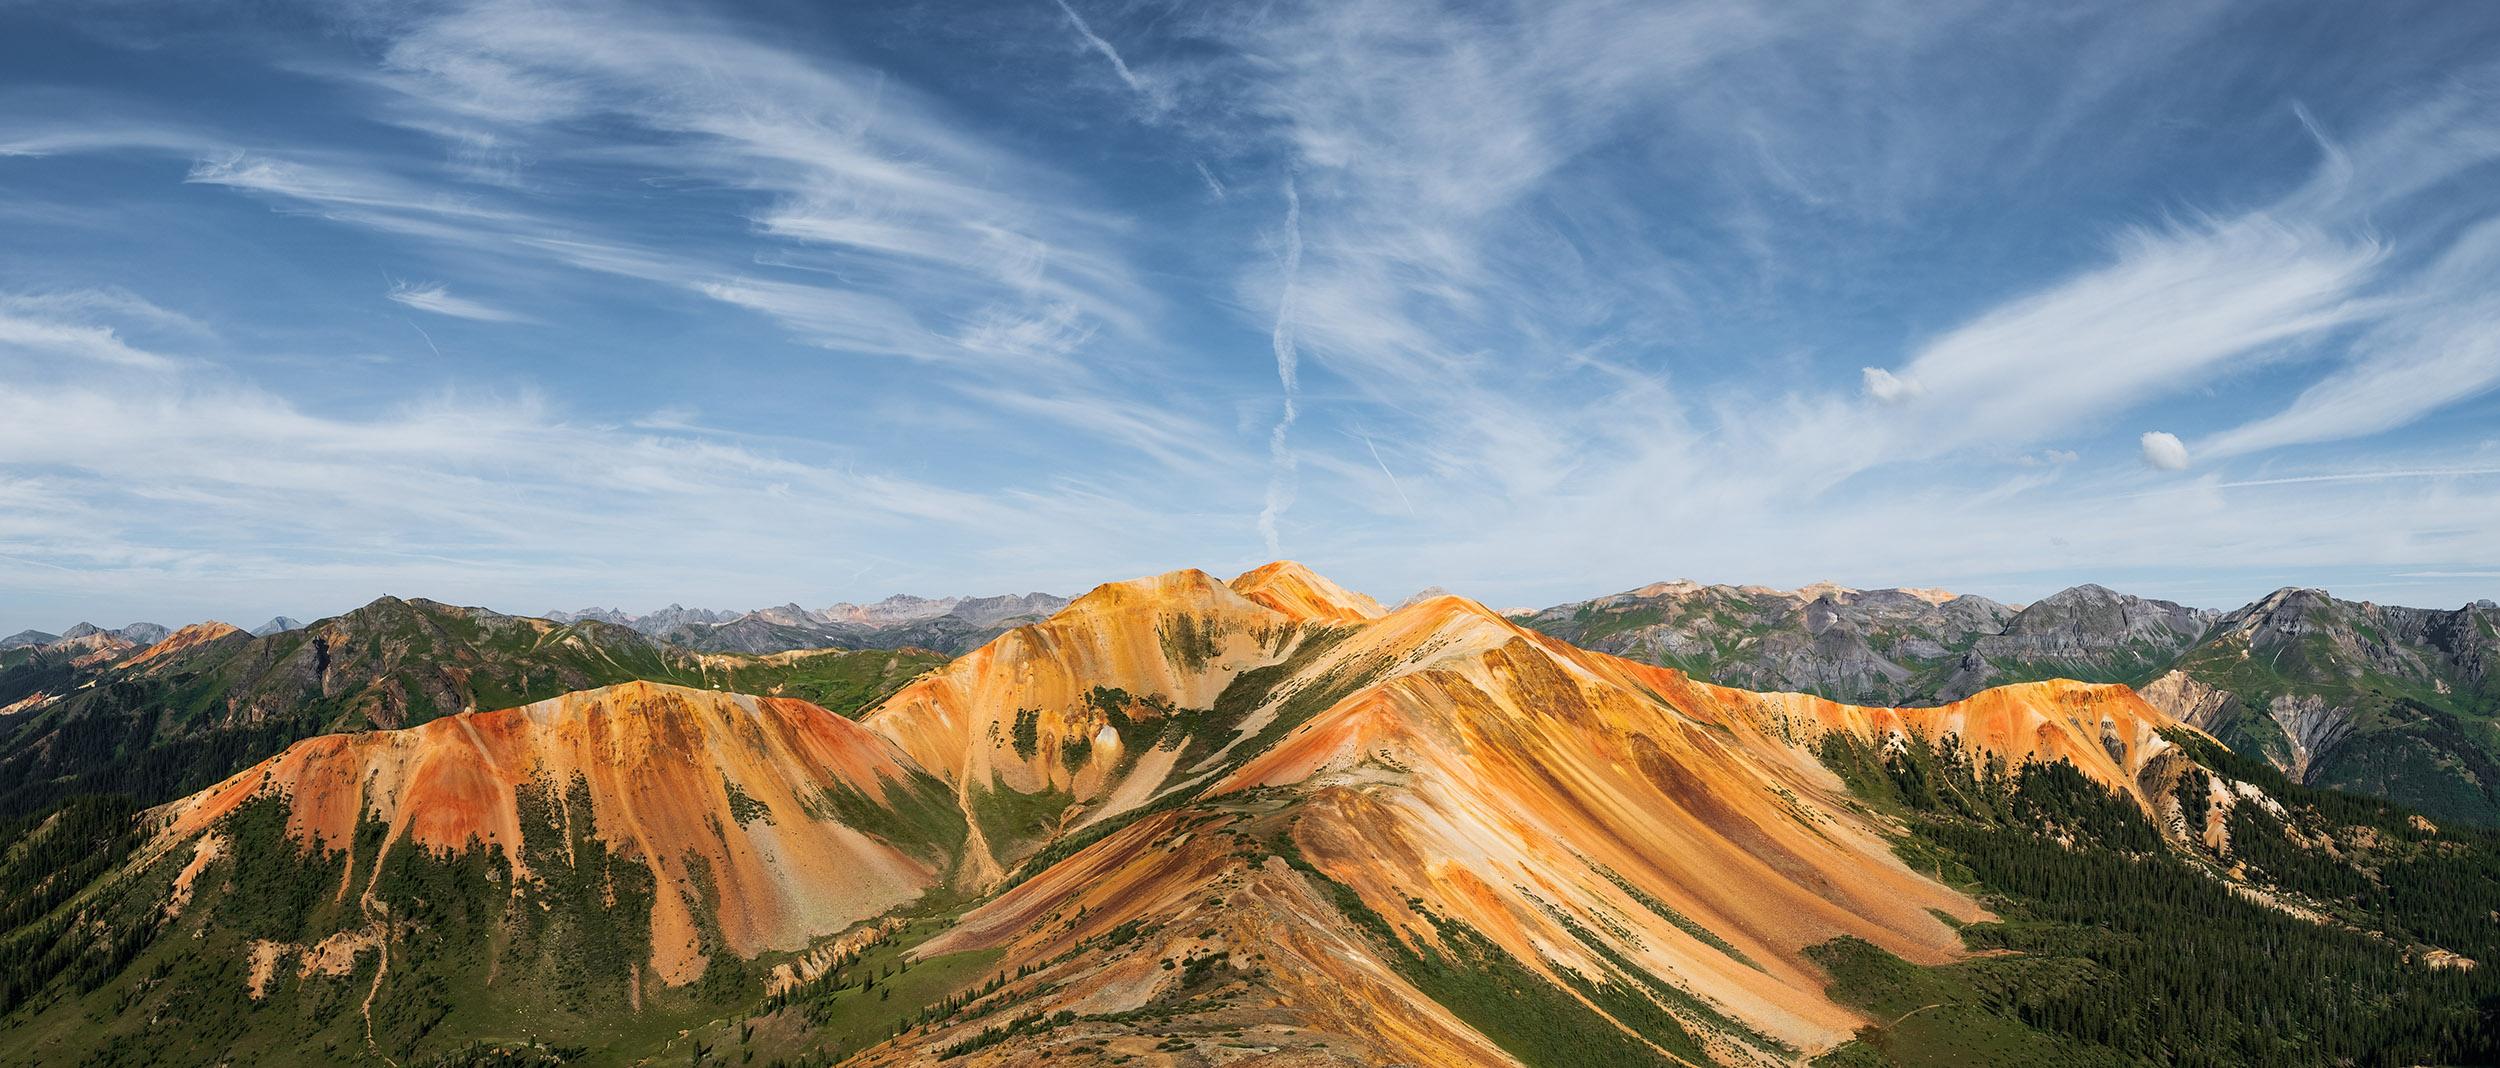 Tims-Colorado-8.jpg